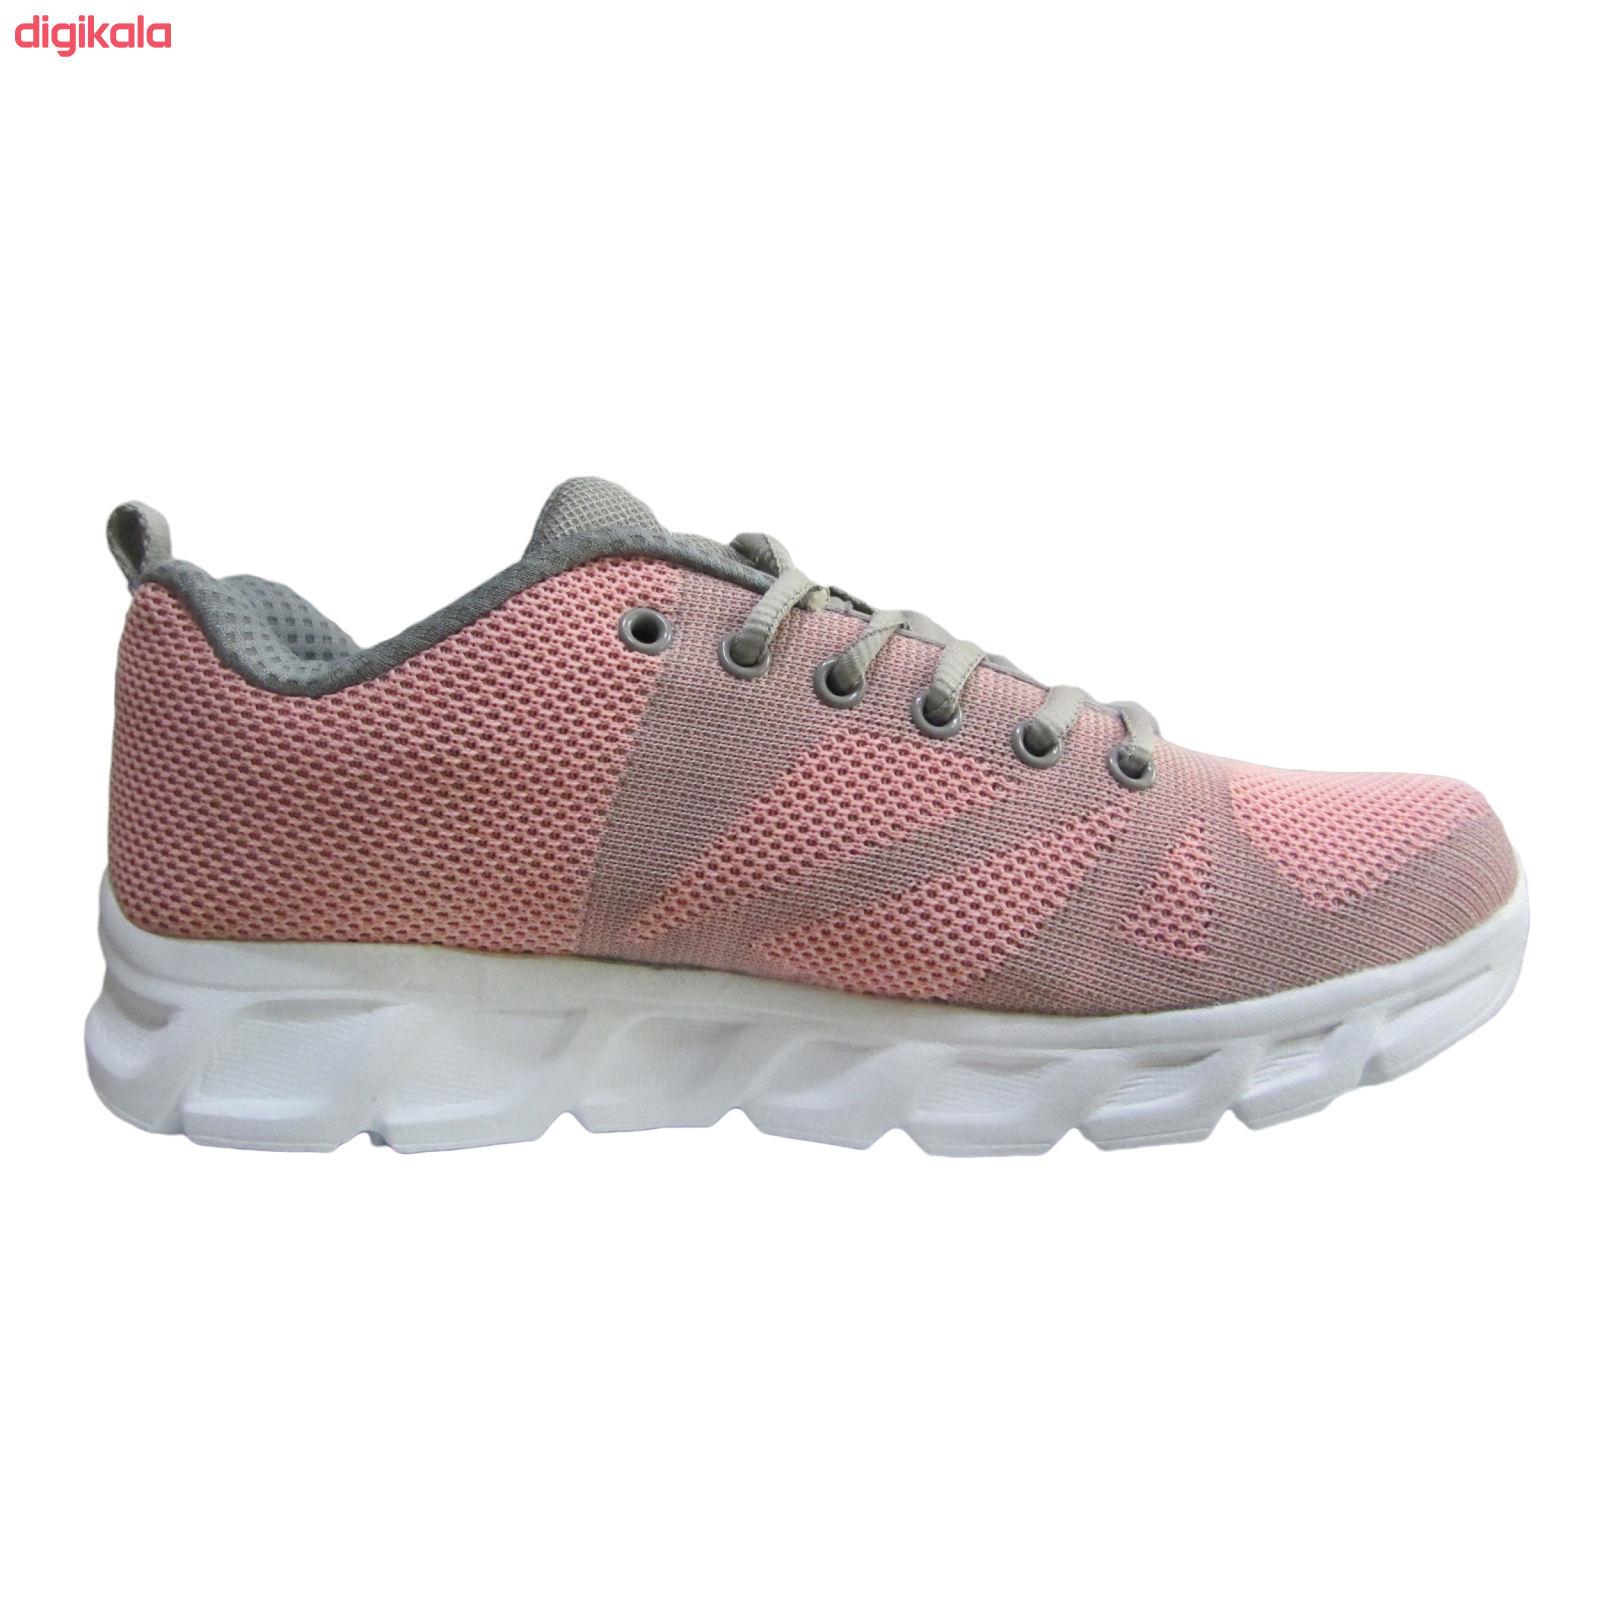 کفش مخصوص پیاده روی زنانه آلبرتینی مدل ستیا کد 01 main 1 2